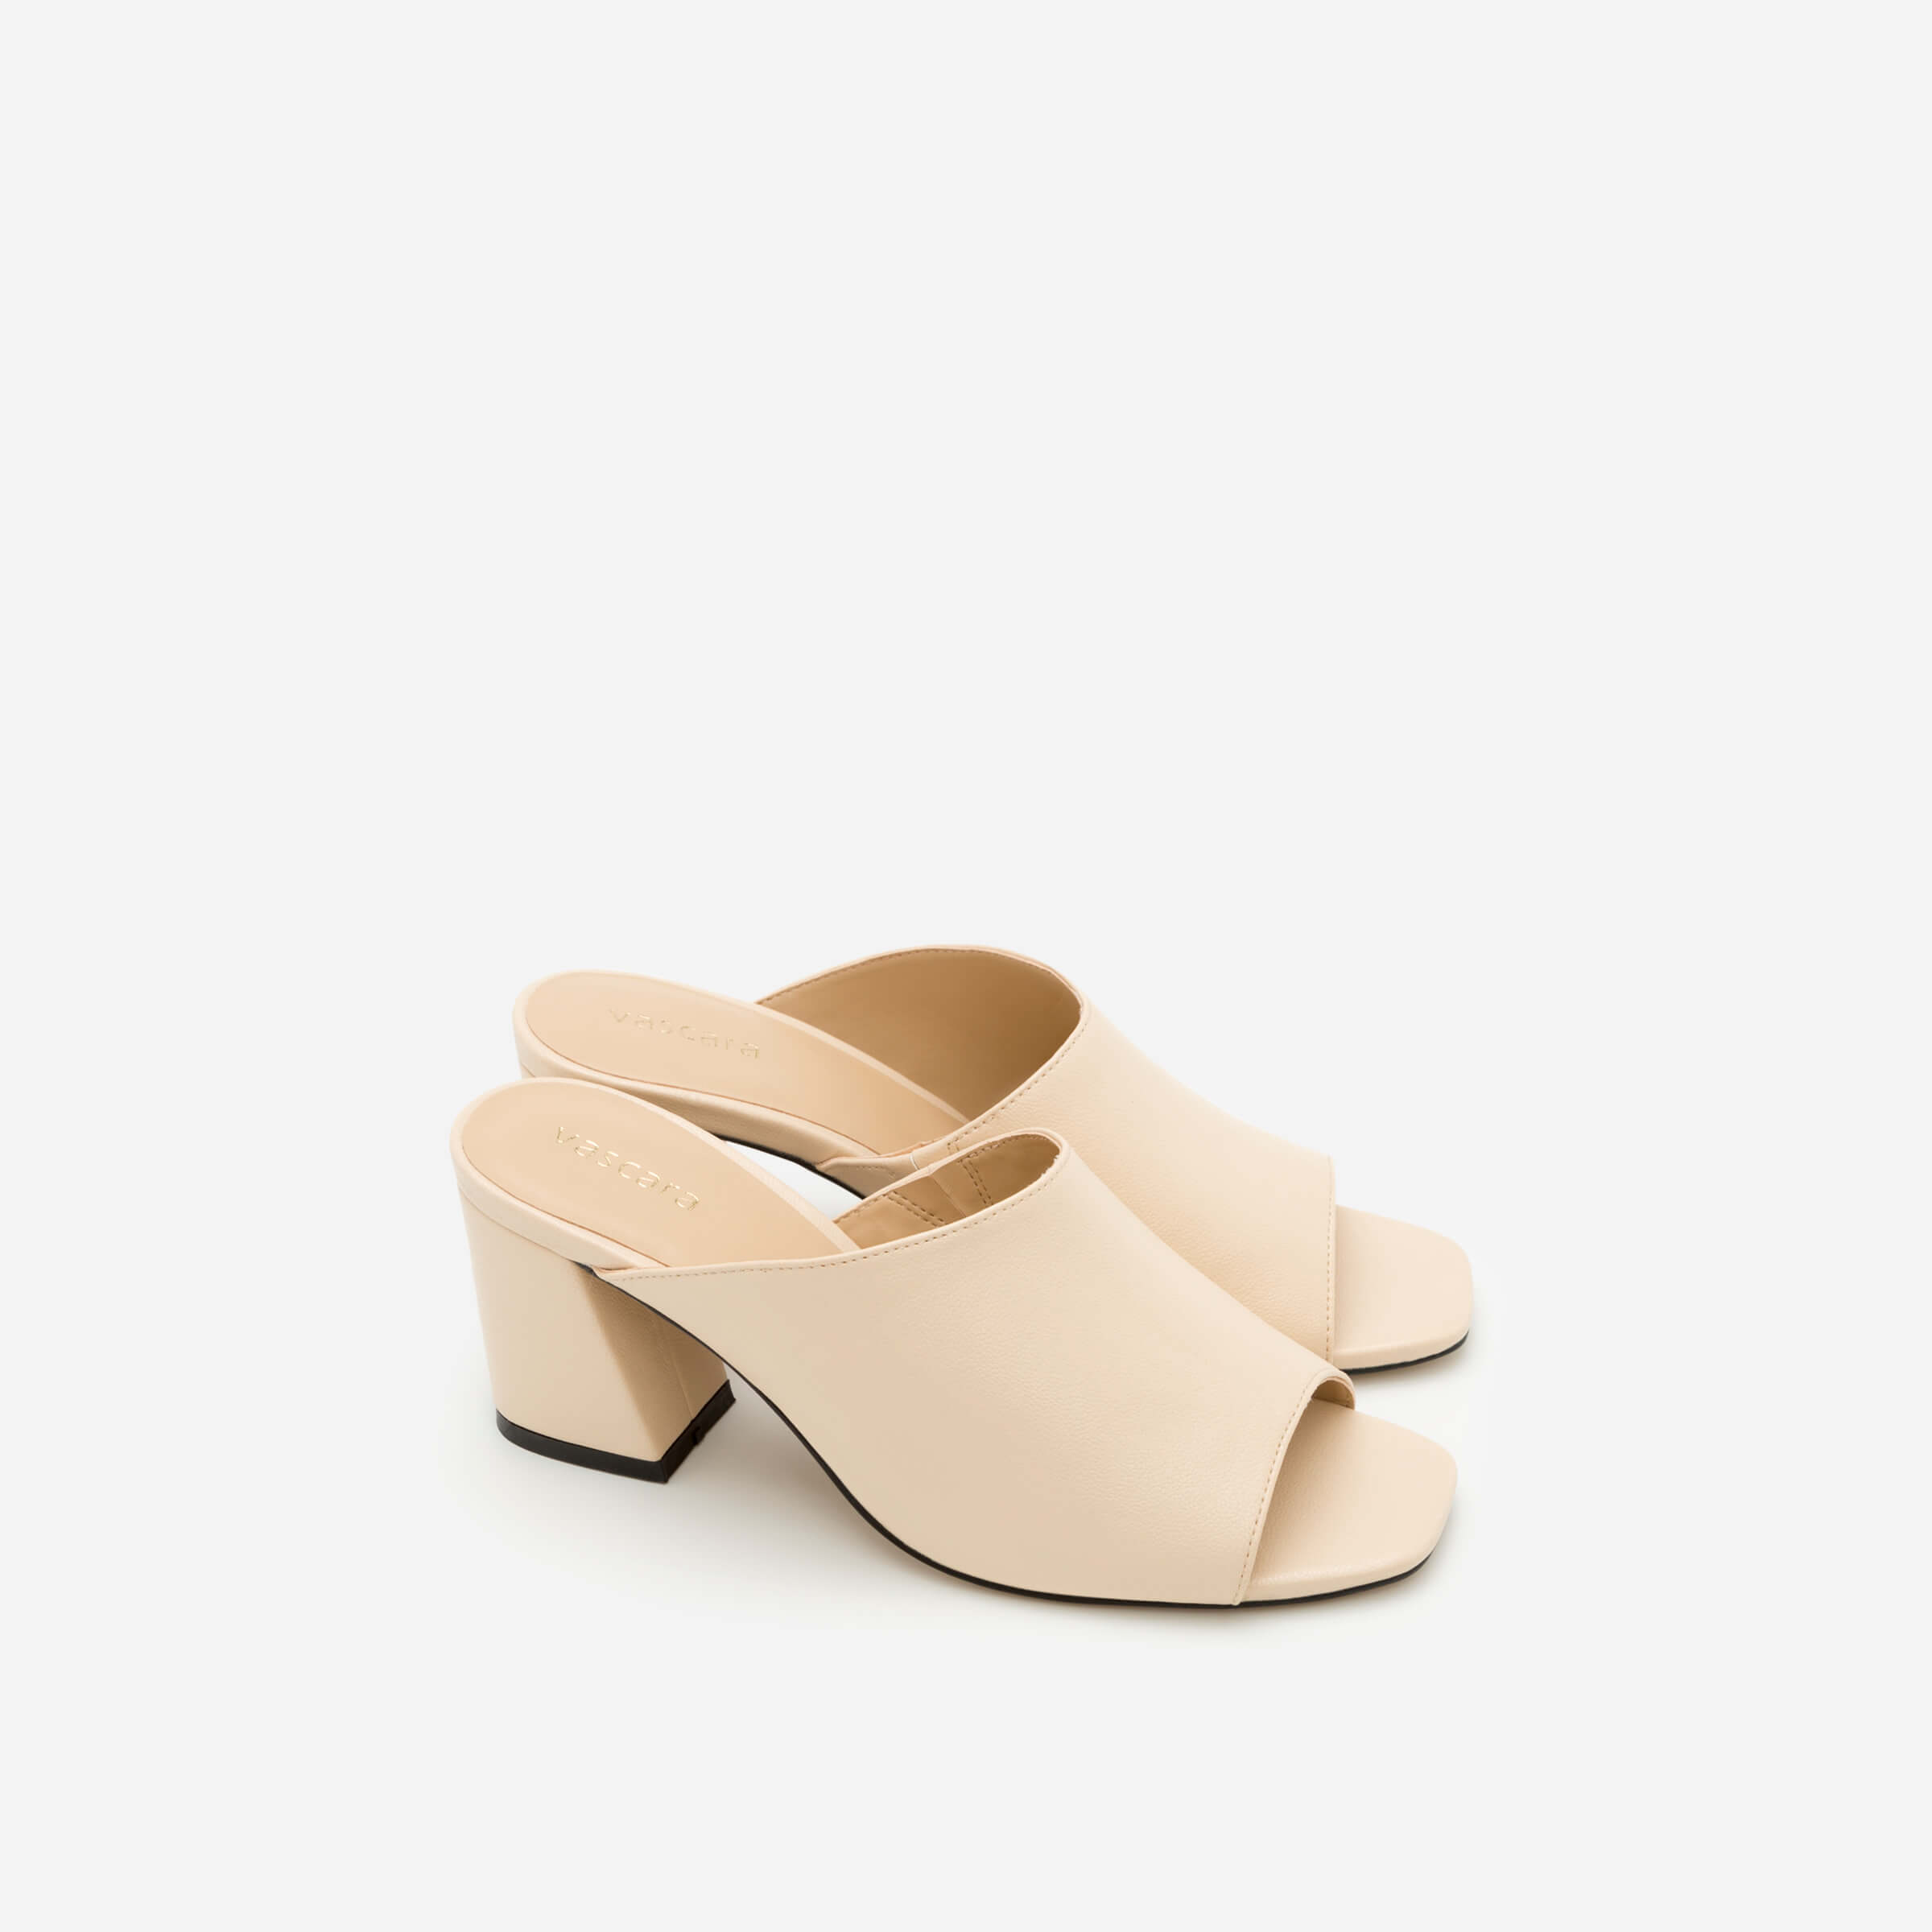 Giày mules quai rộng màu nude Vascara